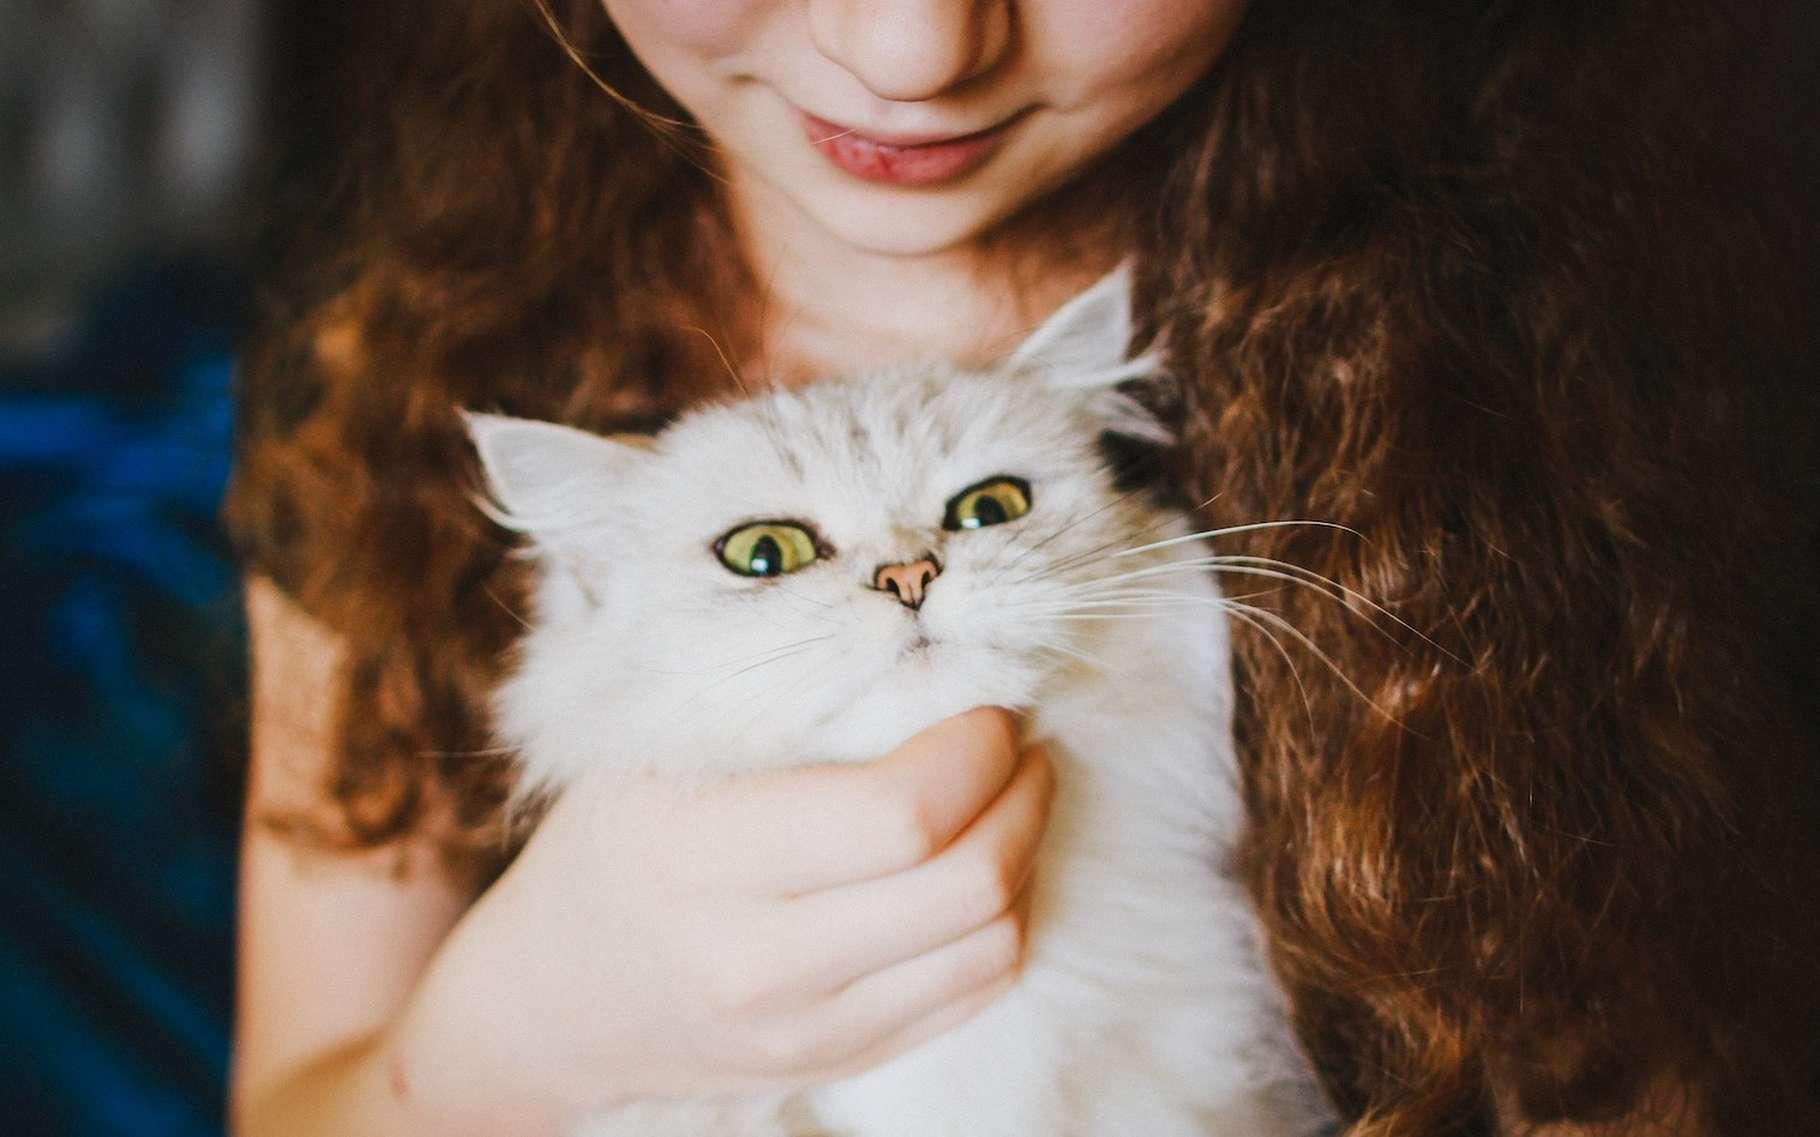 Des chercheurs sont parvenus à préciser le mode d'action de la toxoplasmose sur le cerveau. La maladie peut être contractée par contact avec des chats ou en mangeant de la viande mal cuite et issue d'un animal porteur. © Veronika Homchis, Unsplash